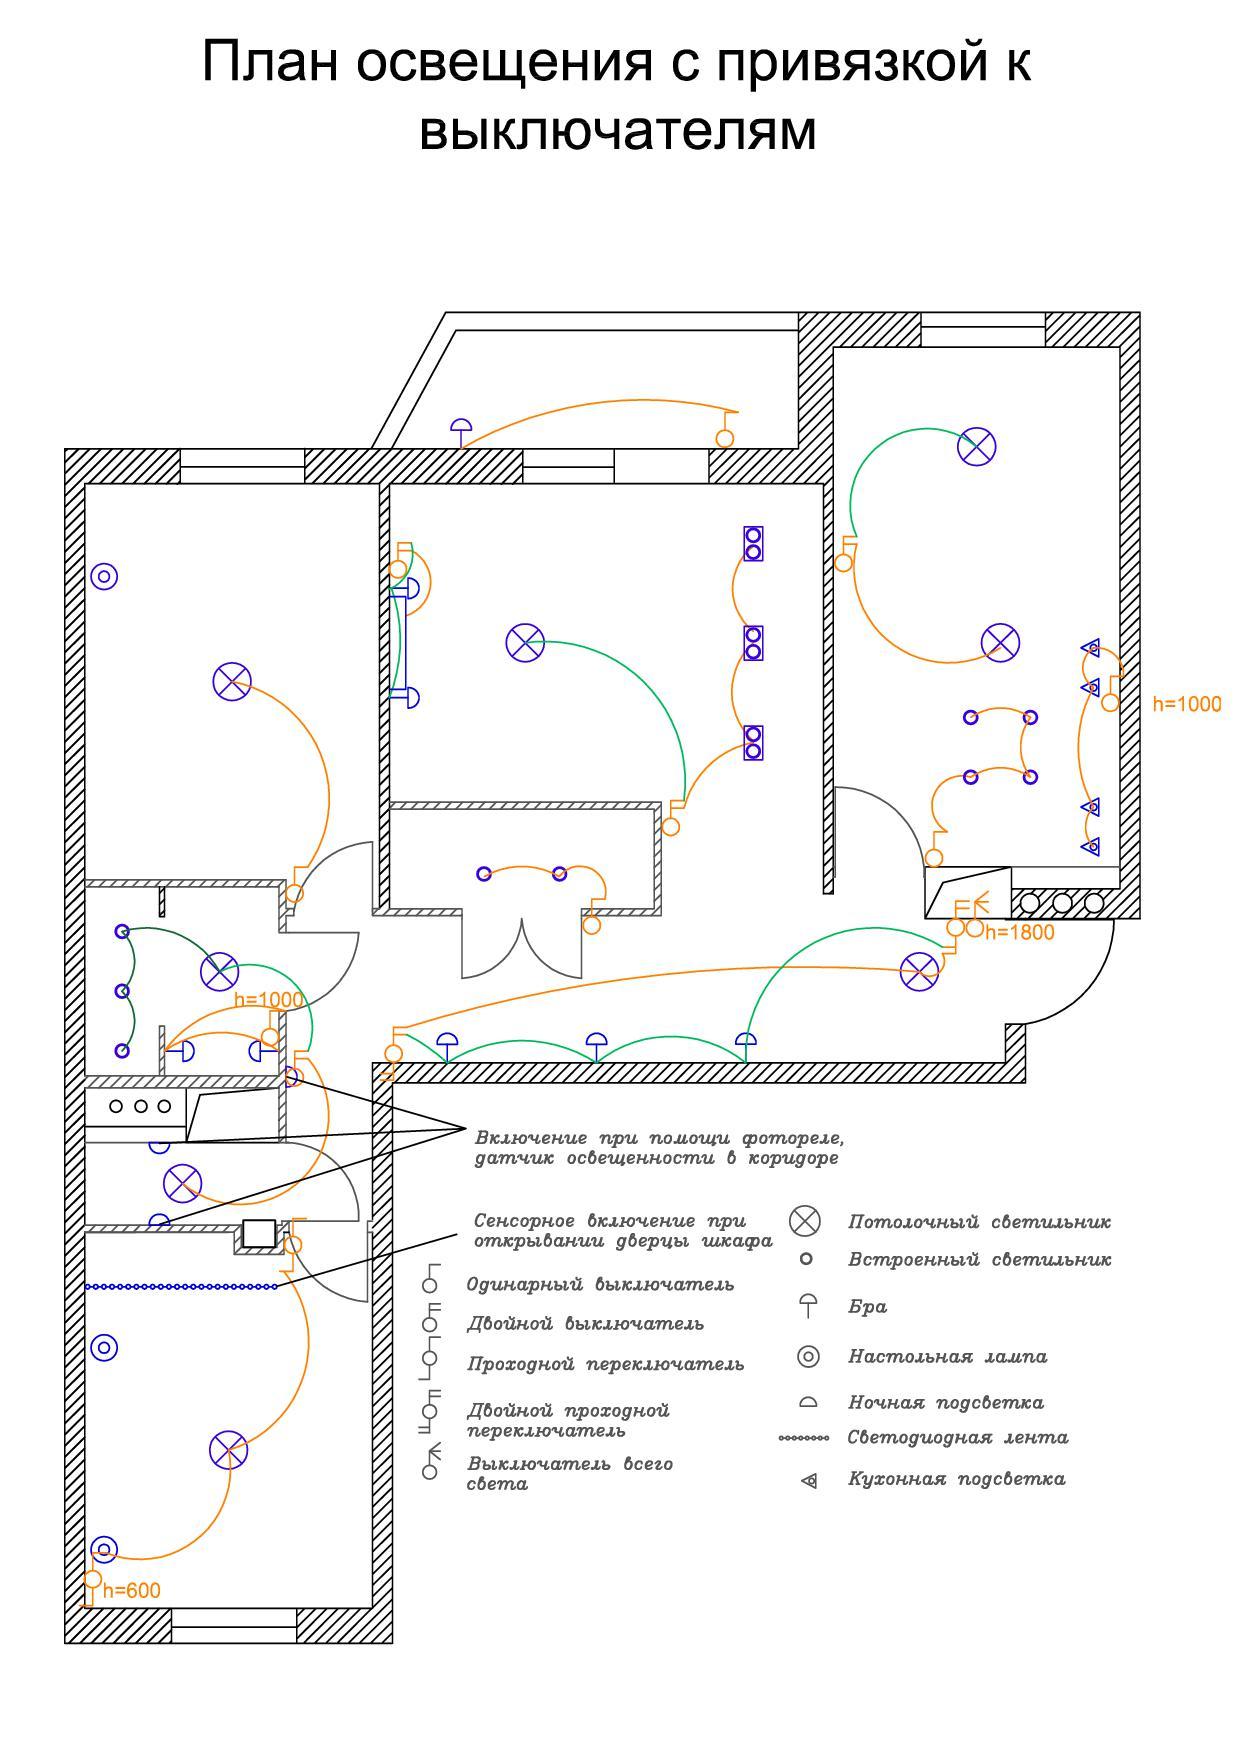 6. План освещения с выключателями